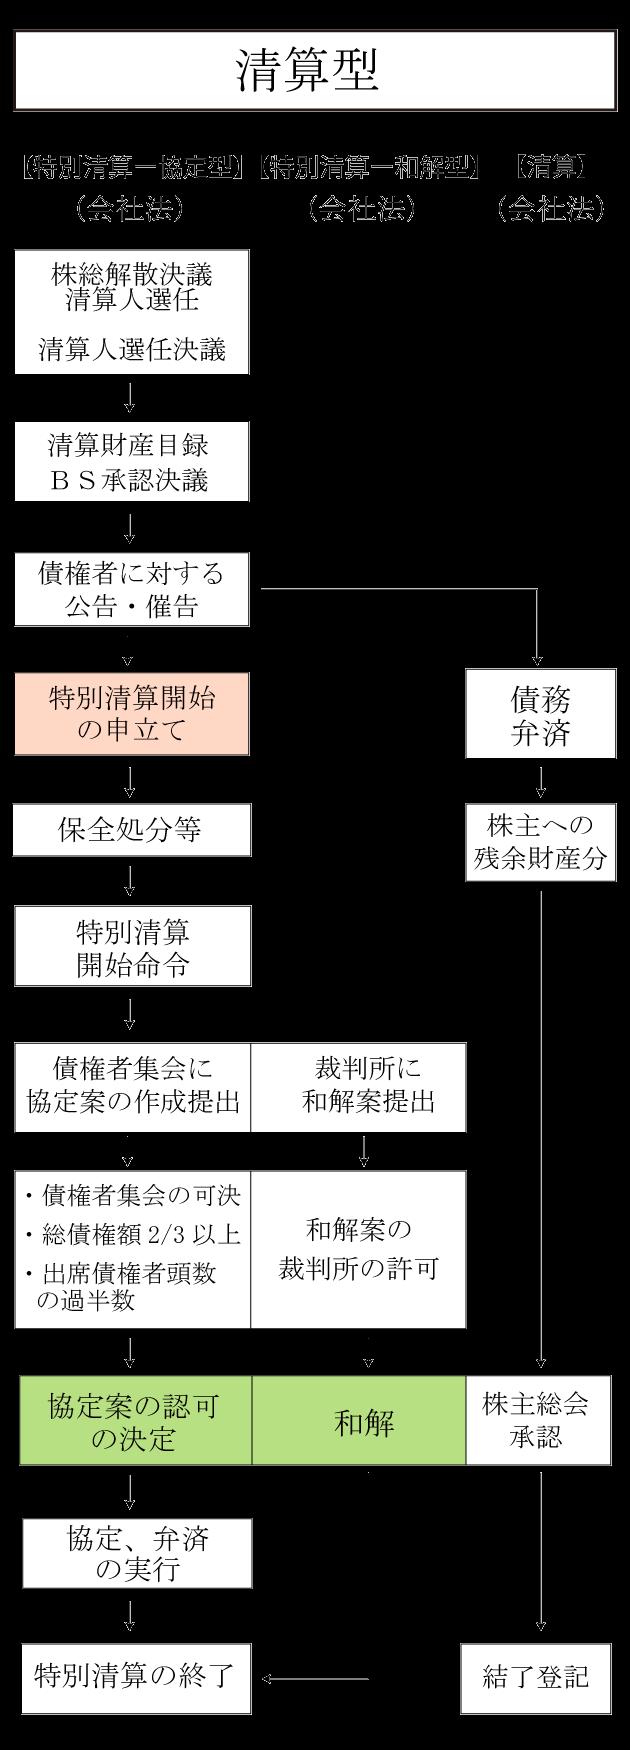 法的整理手続き(倒産等)の概要   〜貸倒れの税務と法務②〜